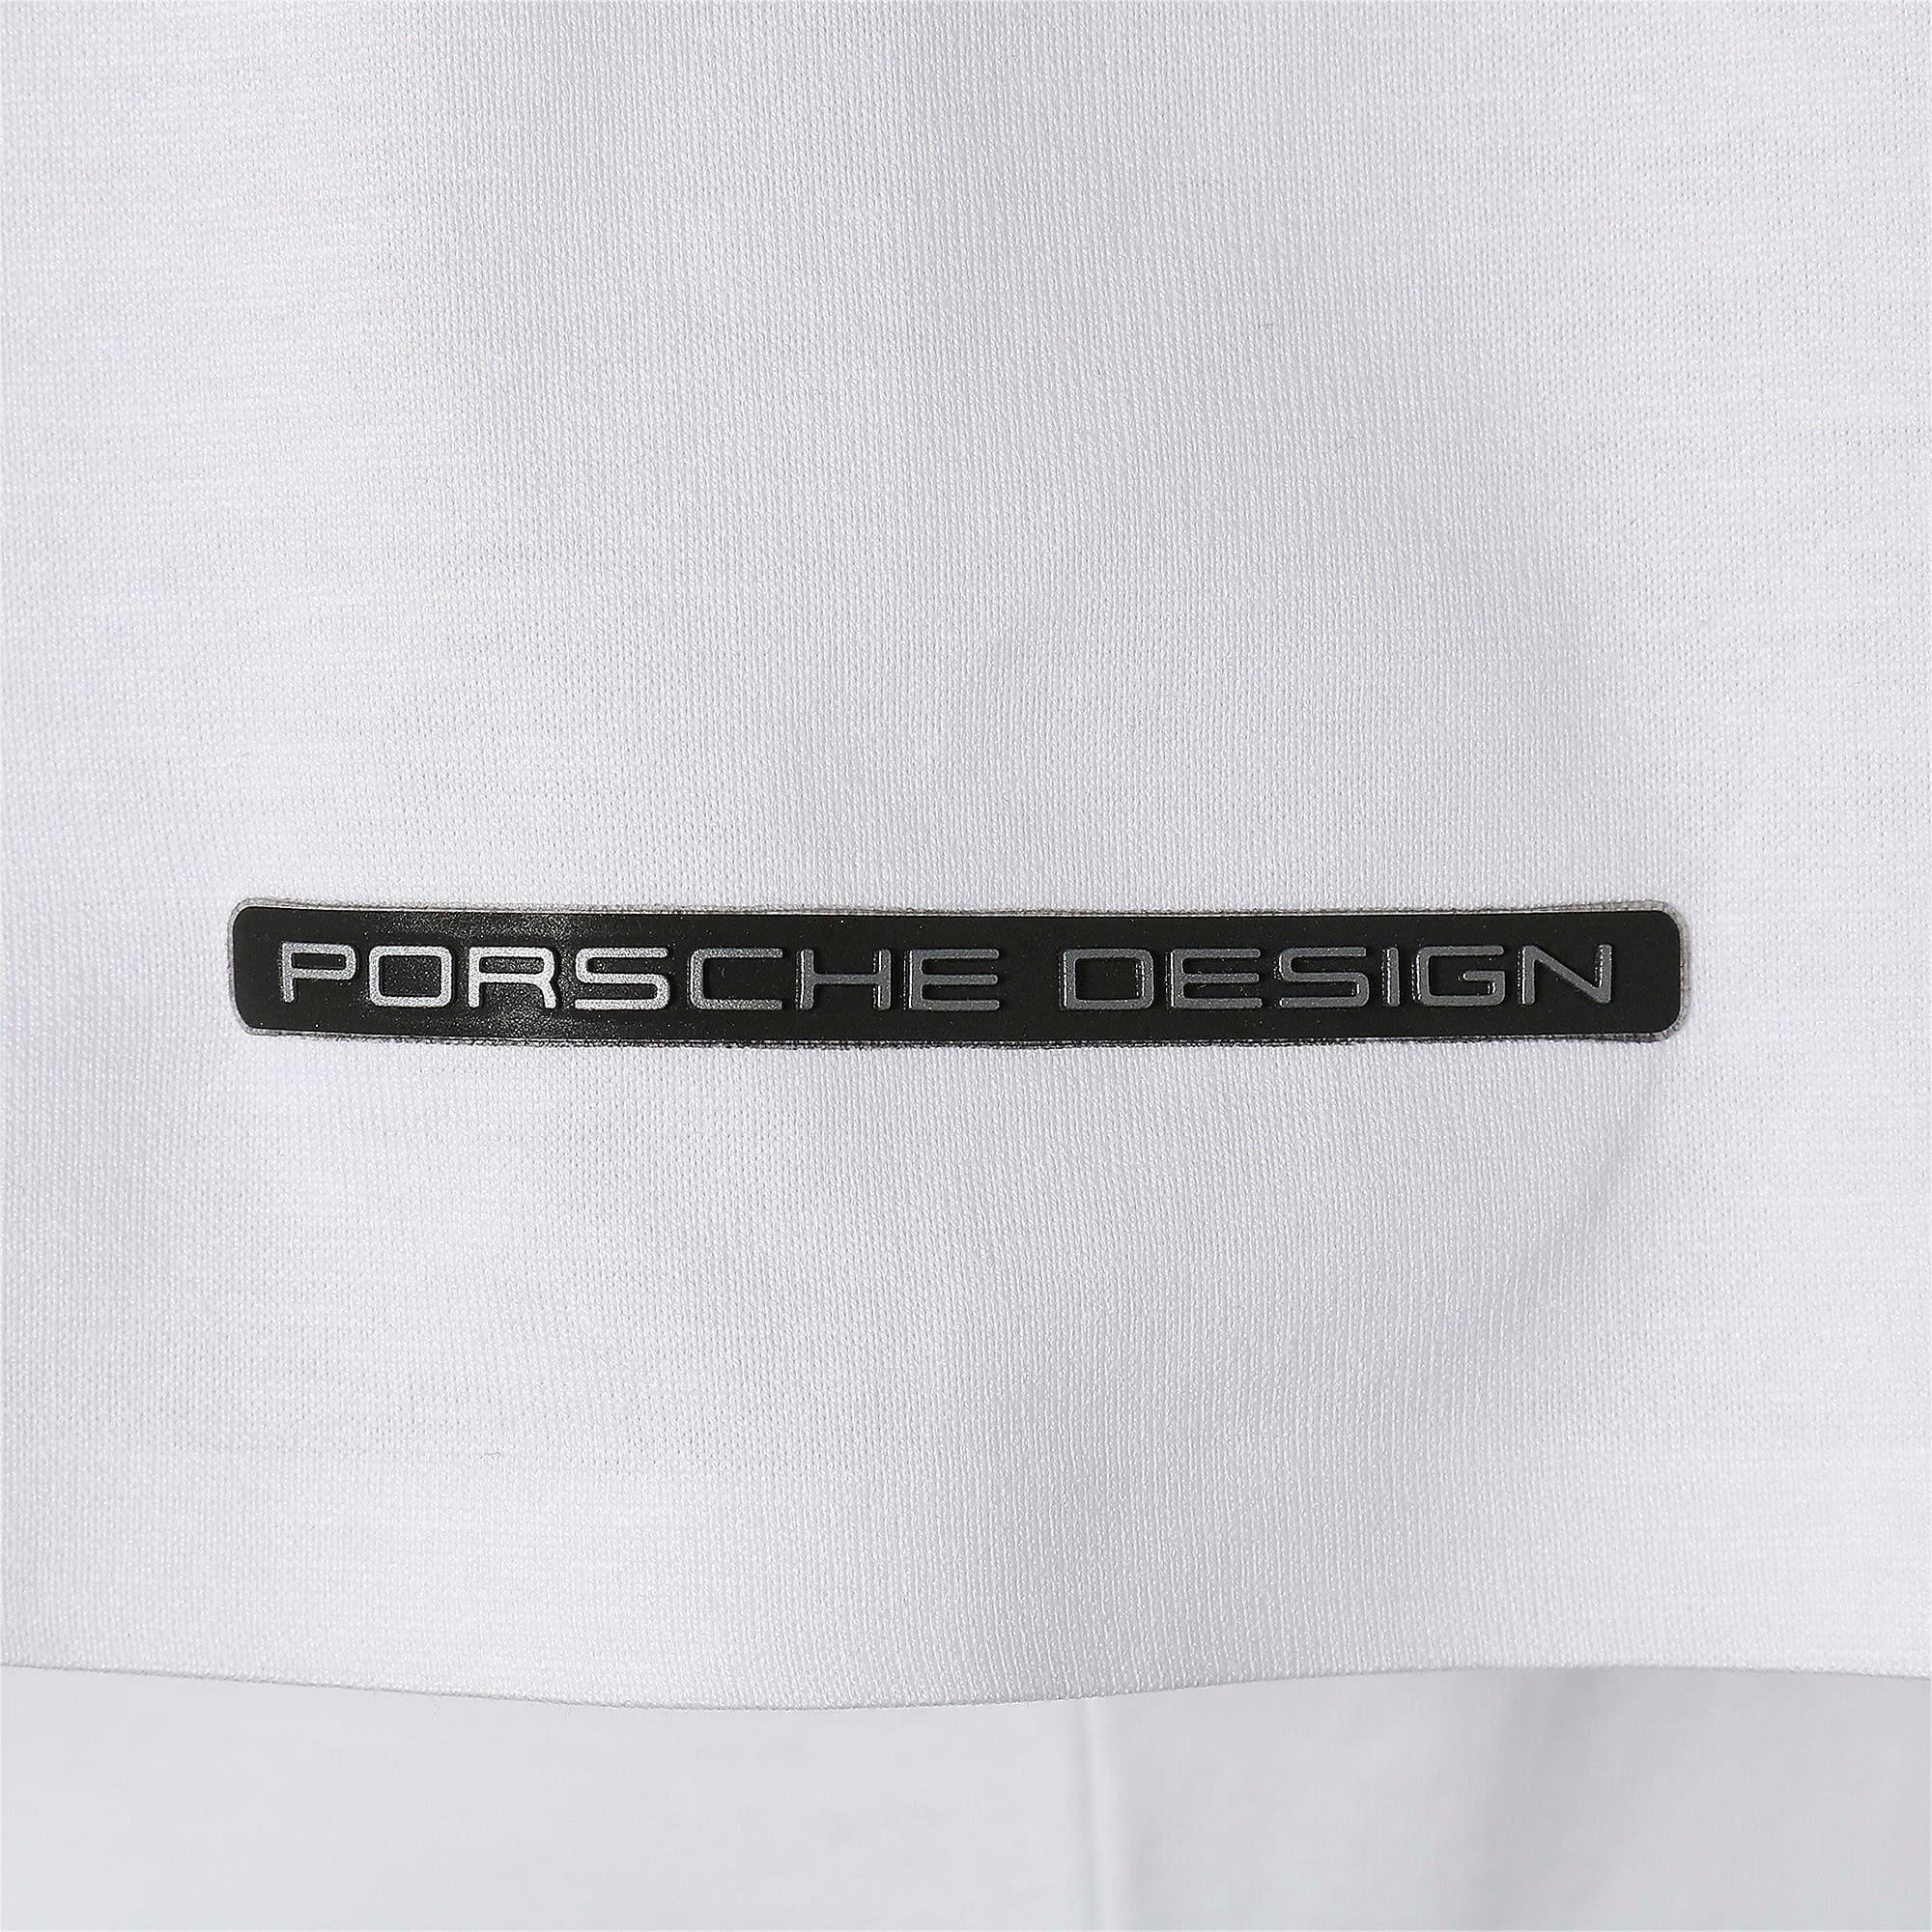 Thumbnail 11 of M ポルシェデザイン PD グラフィック Tシャツ, Puma White, medium-JPN